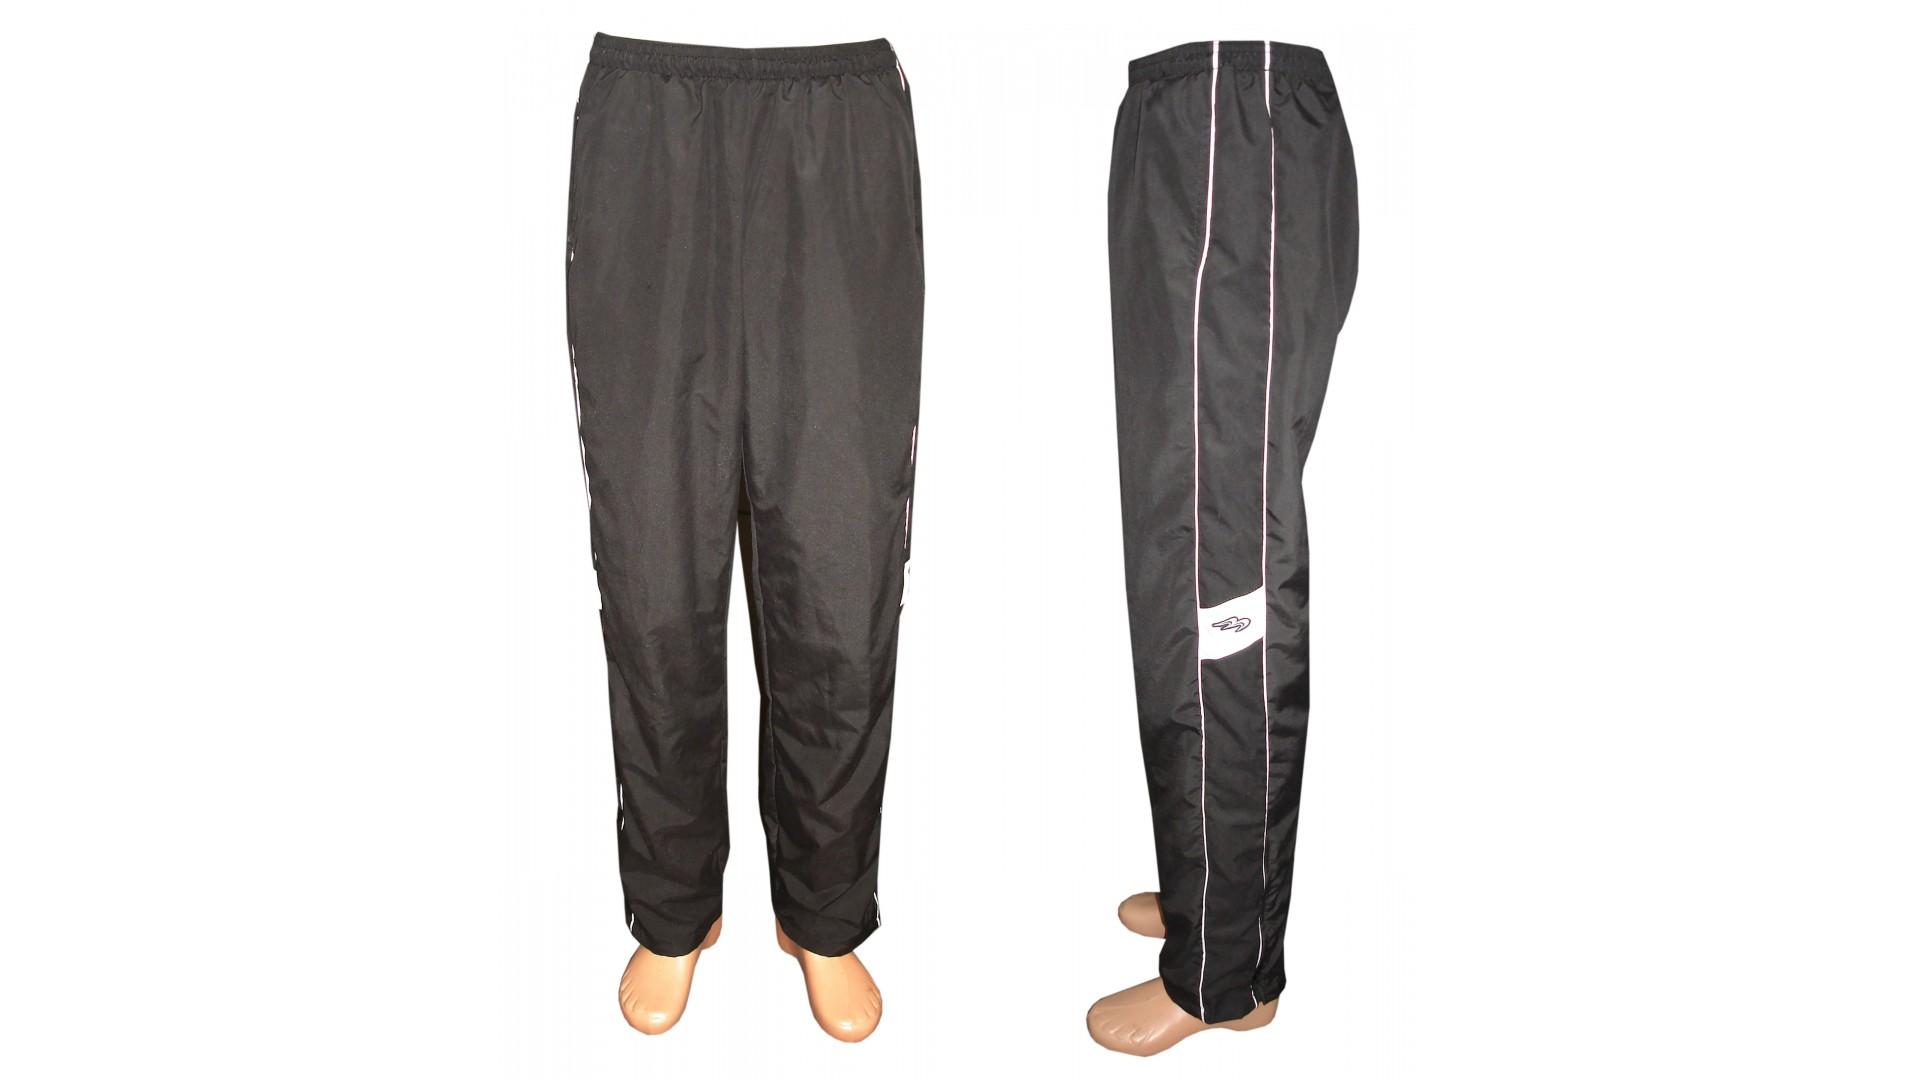 Спортивный костюм Biemme общий вид брюки вид спереди и сзади